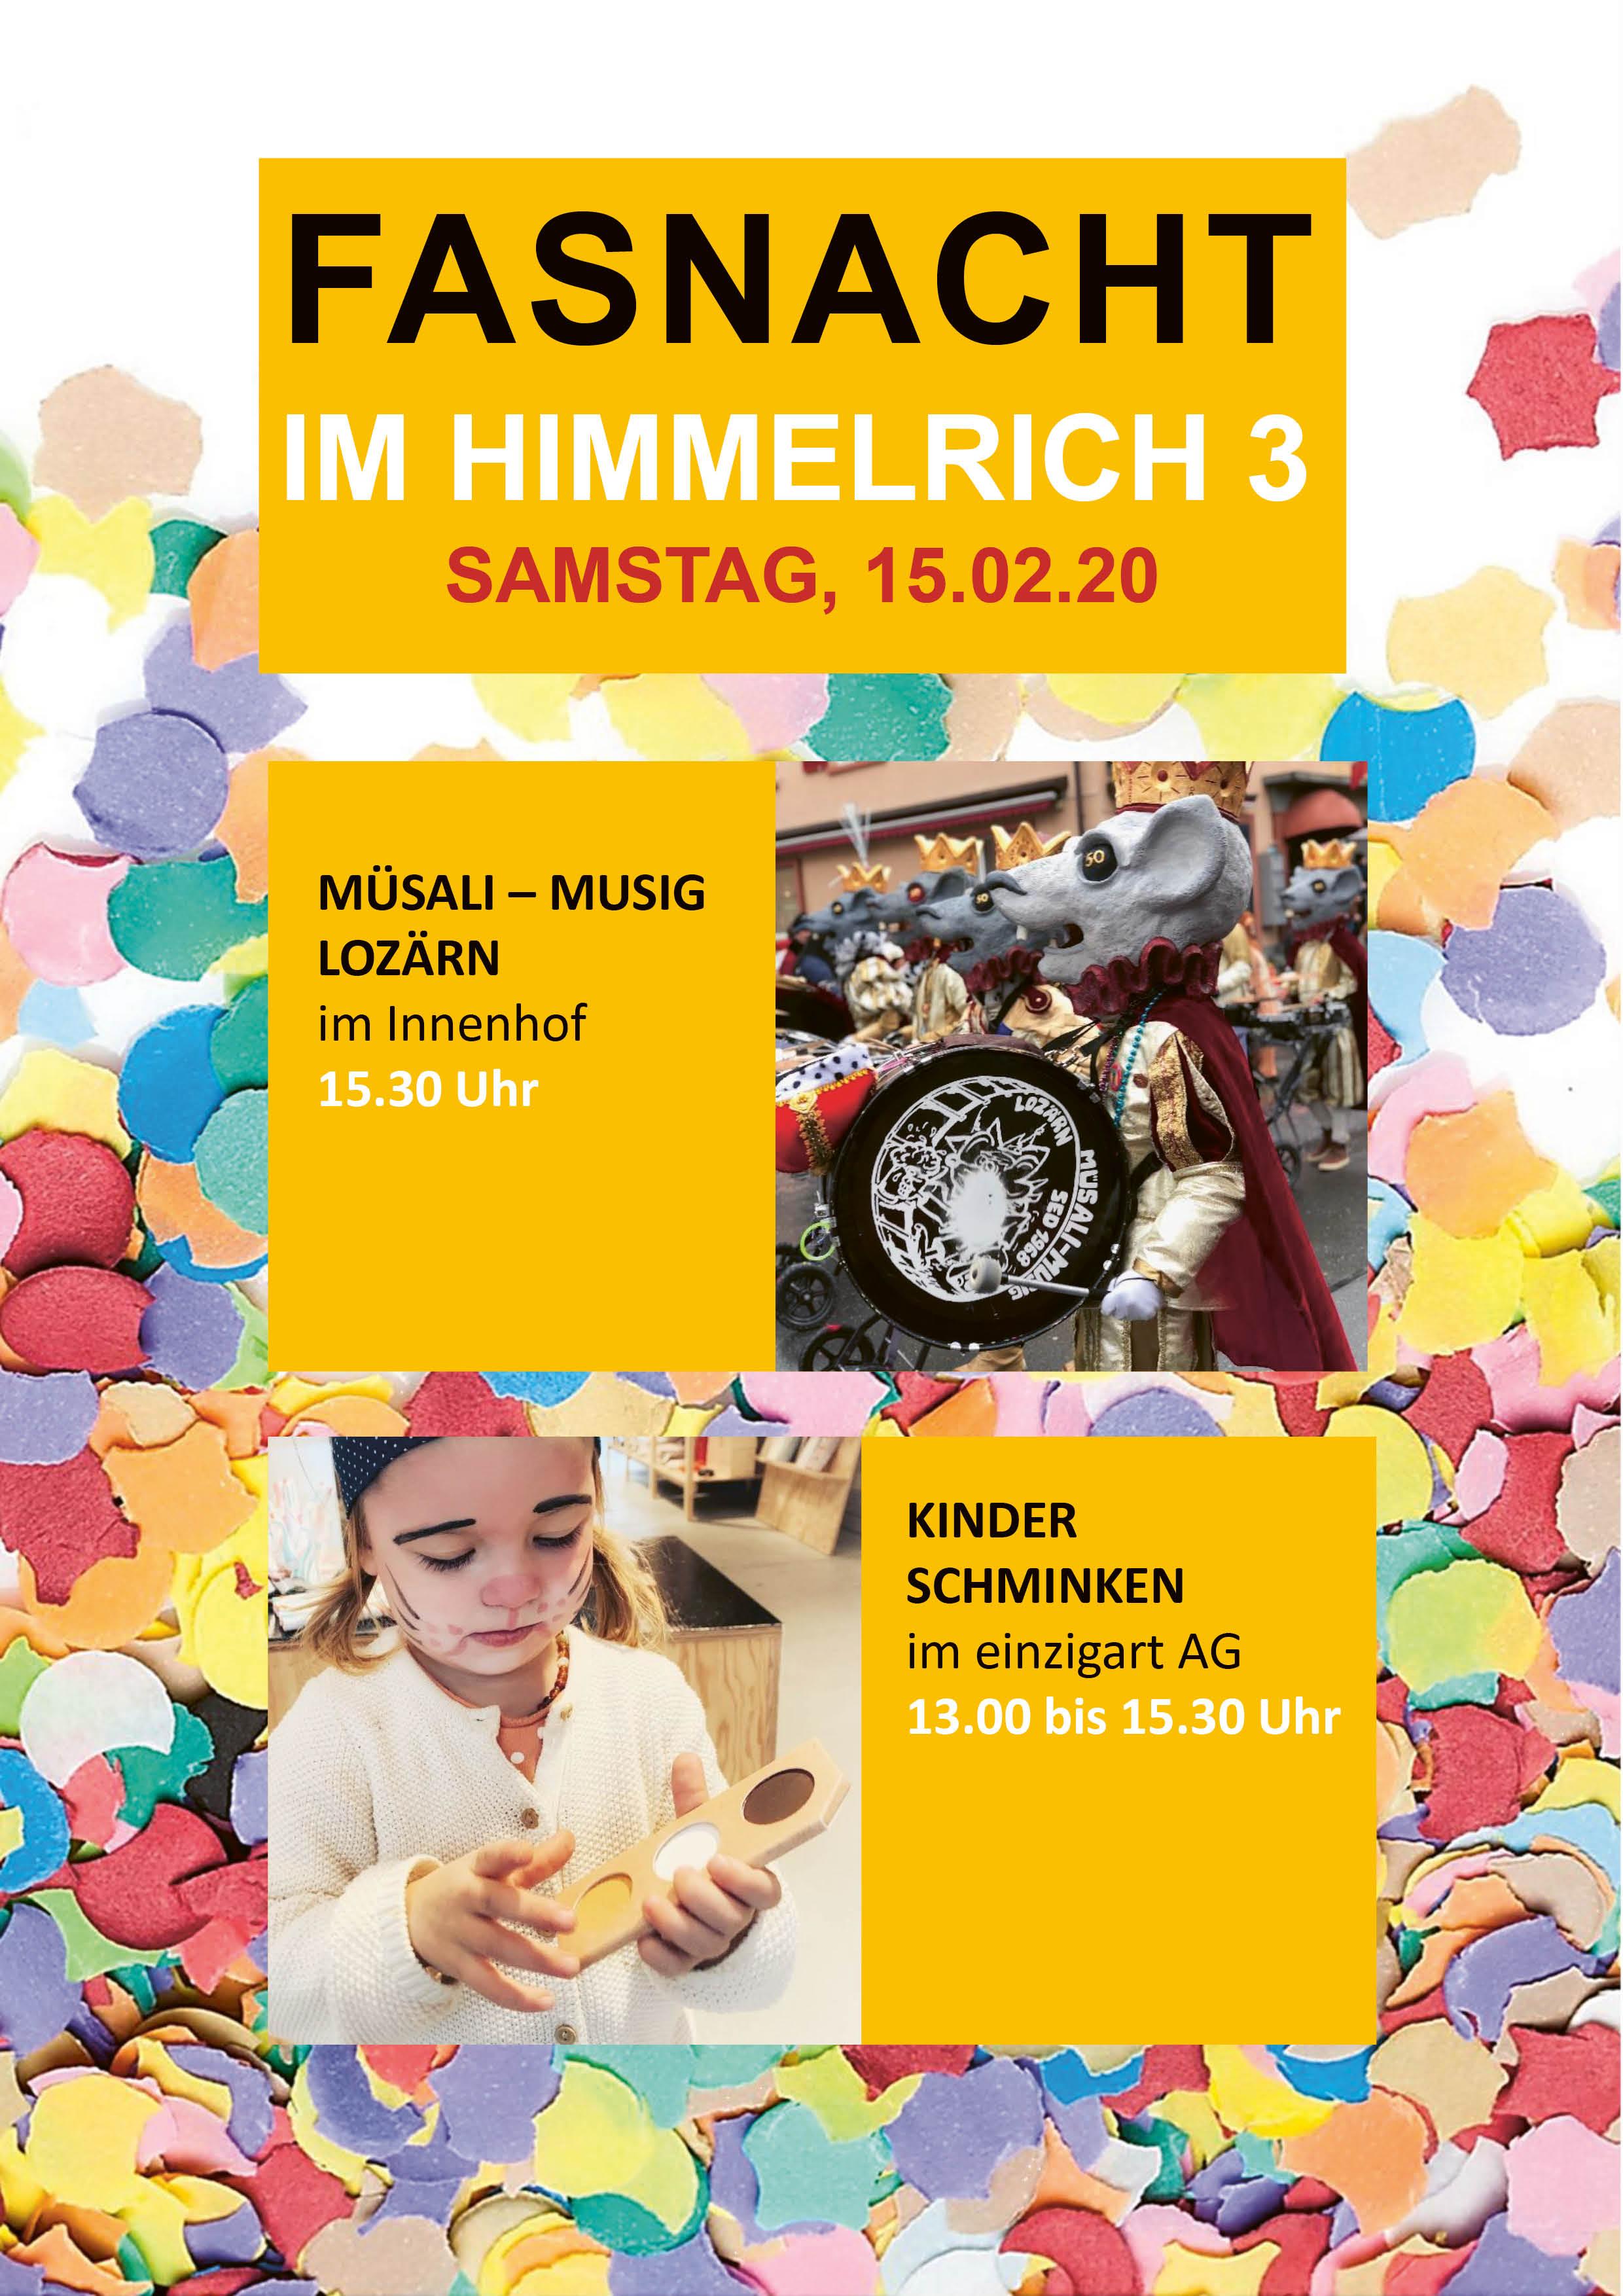 FASNACHT IM HIMMELRICH 3